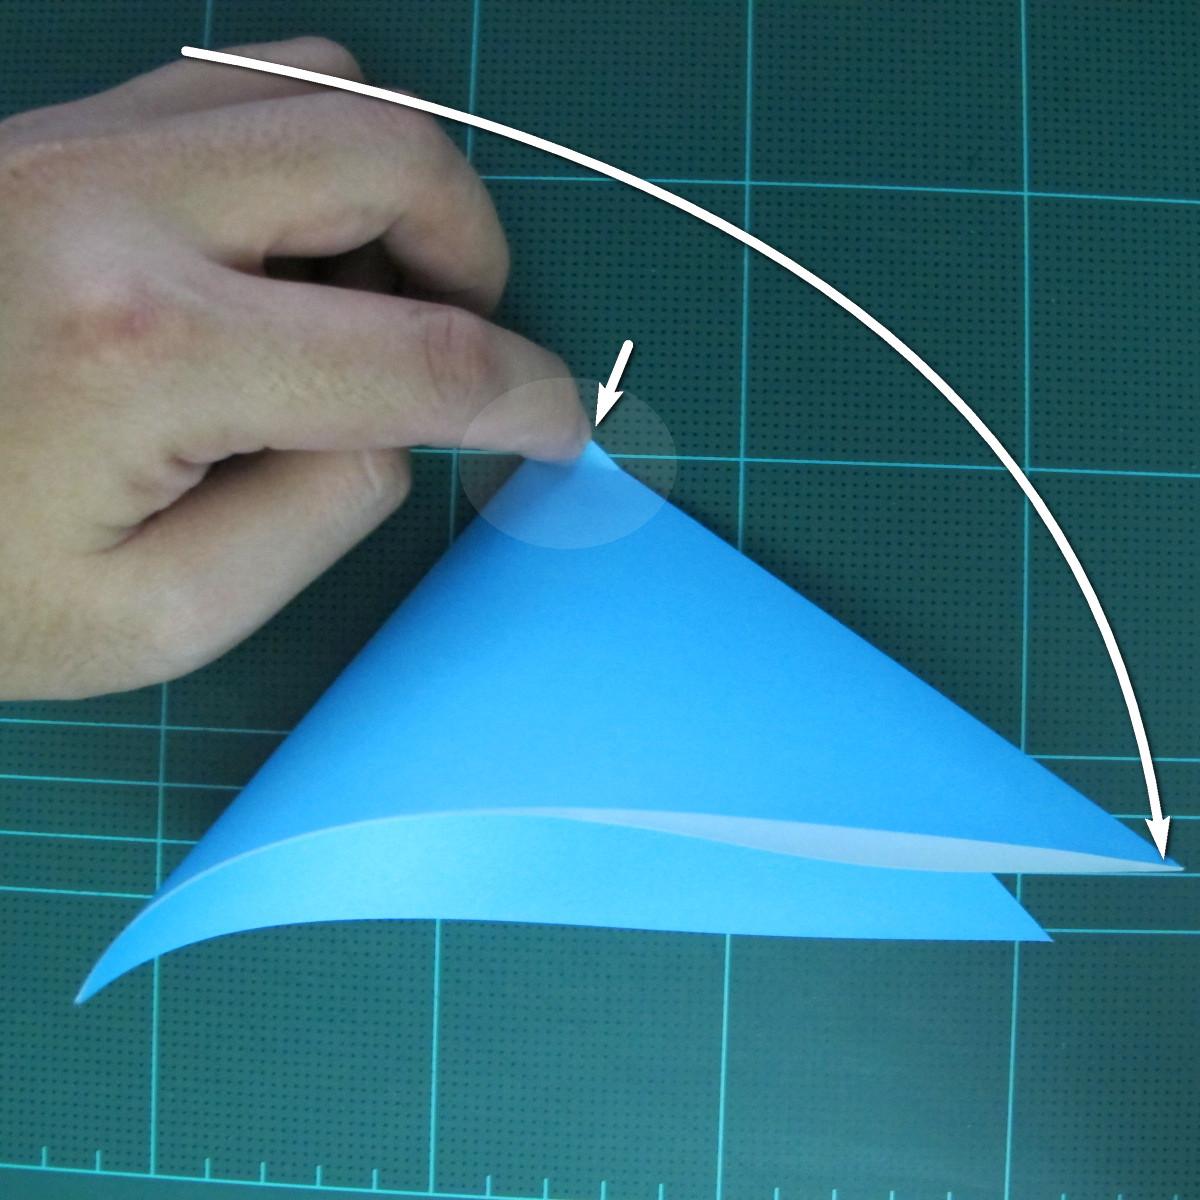 การพับกระดาษเป็นรูปตัวเม่นแคระ (Origami Hedgehog) 004